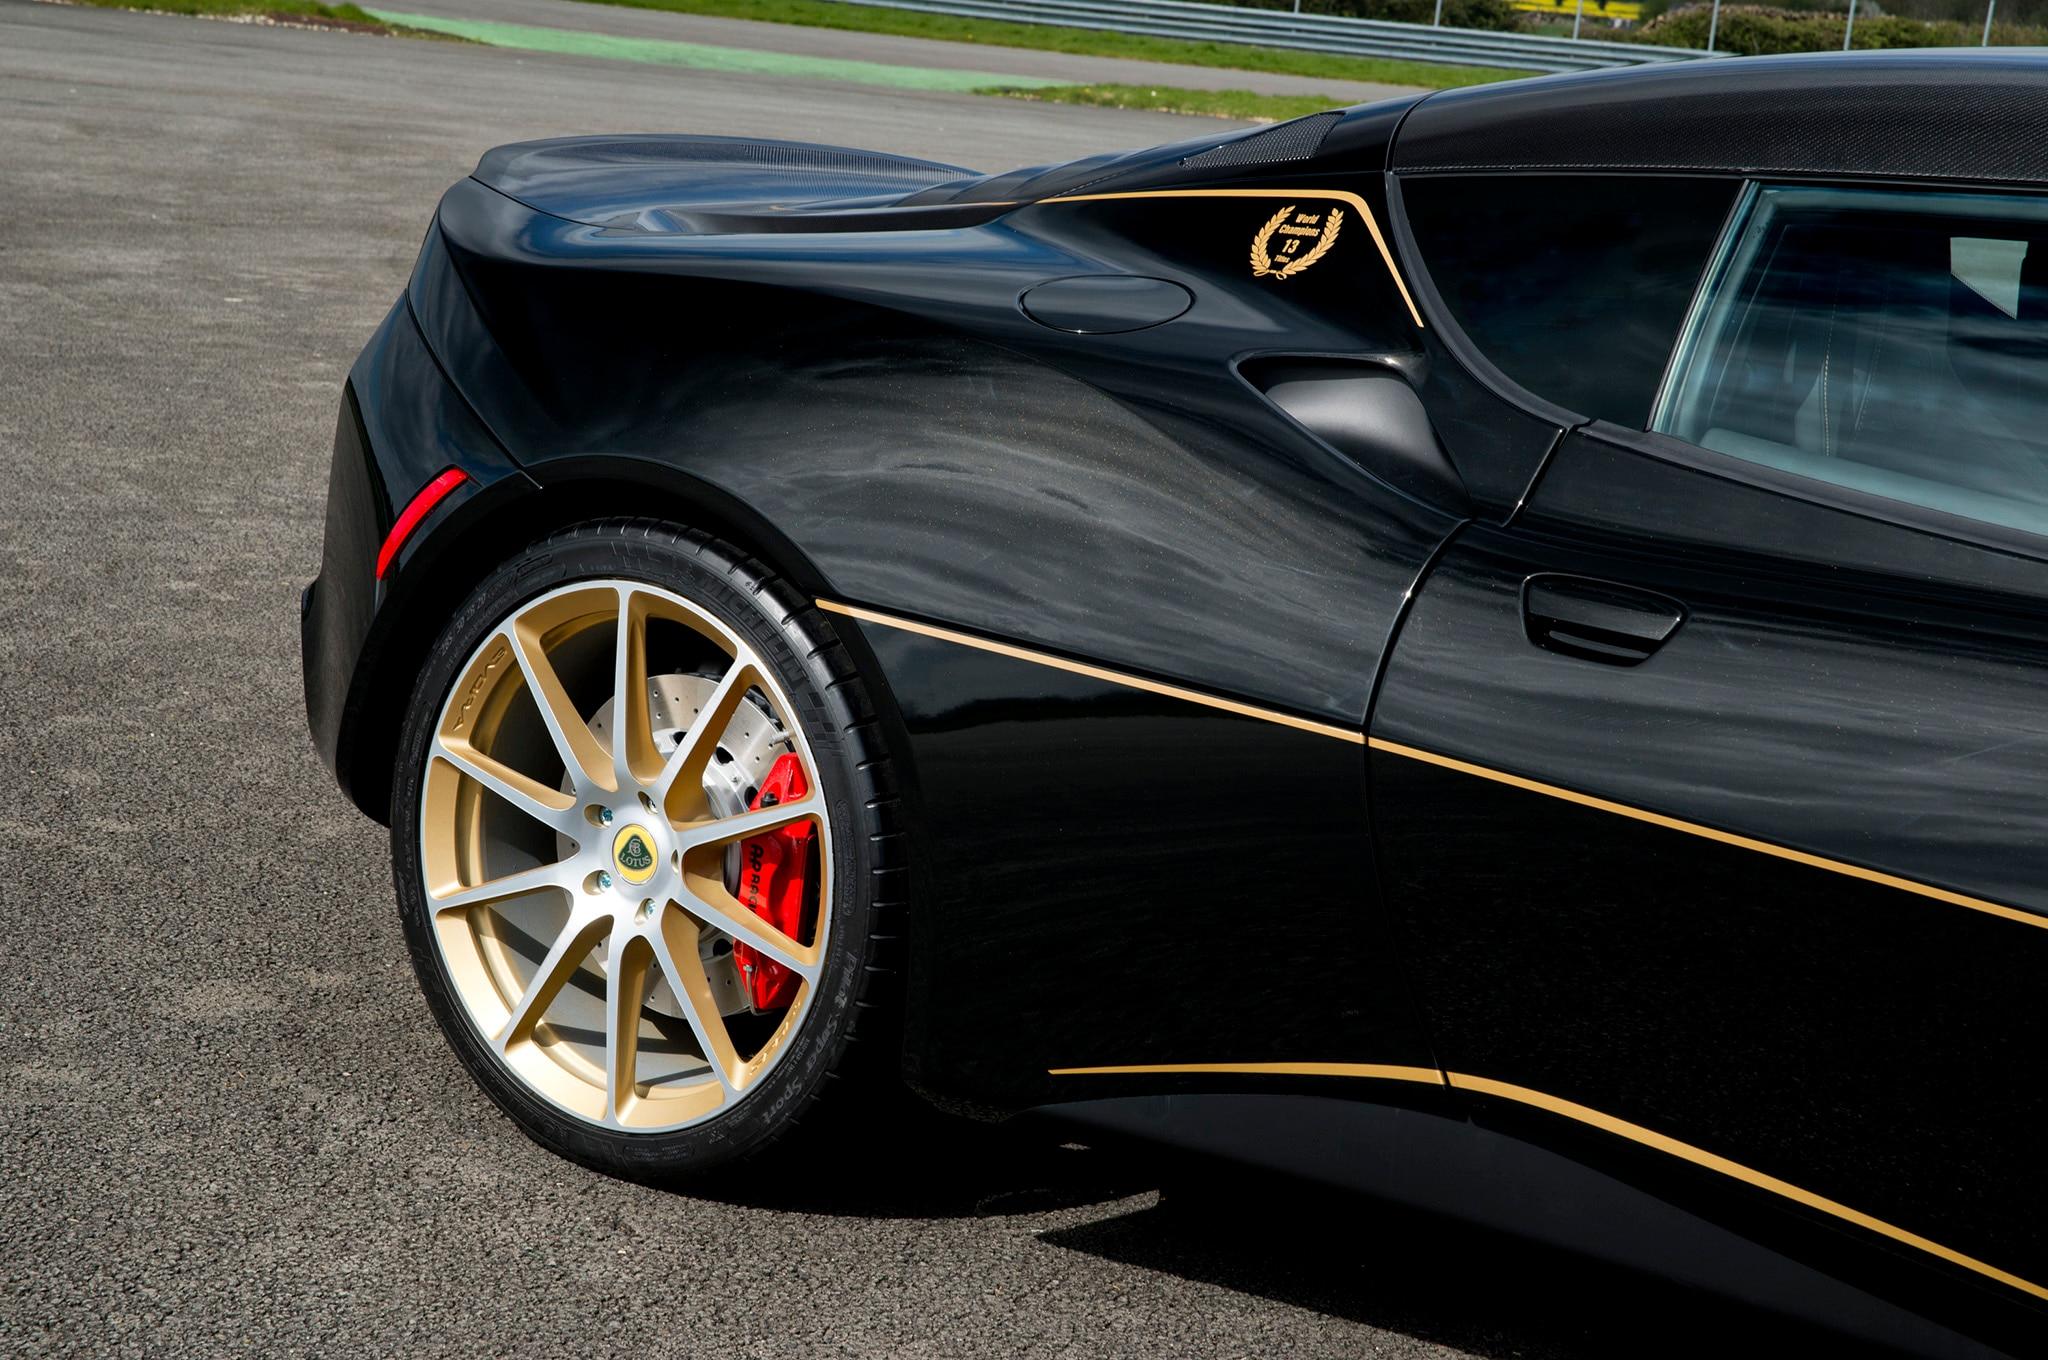 http://st.automobilemag.com/uploads/sites/11/2017/04/2017-Lotus-Evora-Sport-410-GP-Rear-Side-Detail.jpg